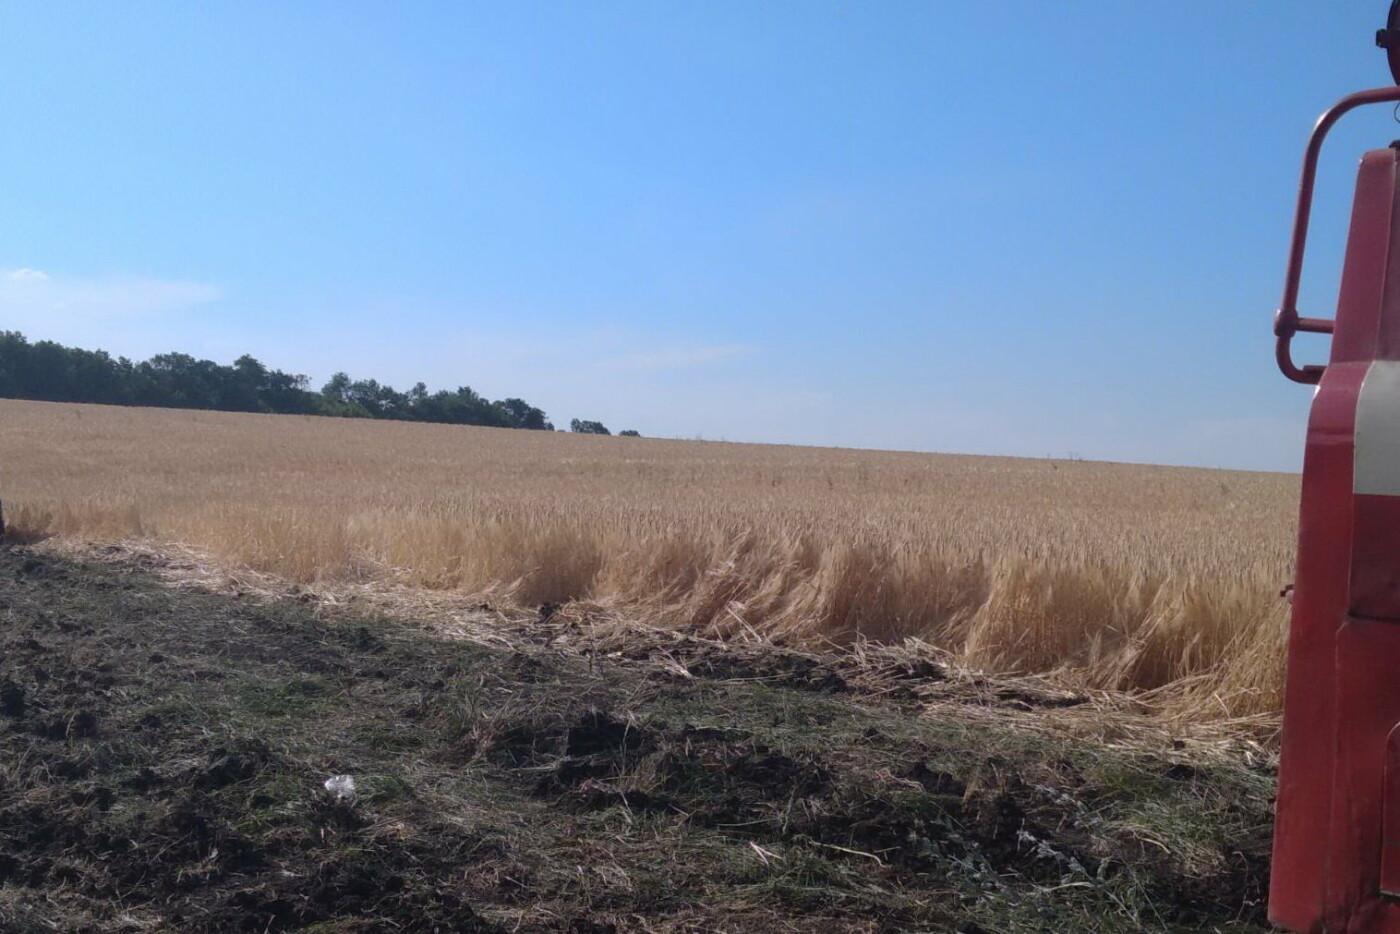 На Харьковщине бойцы ГСЧС спасли ячменное поле и хвойный лес от масштабного пожара, - ФОТО, фото-2